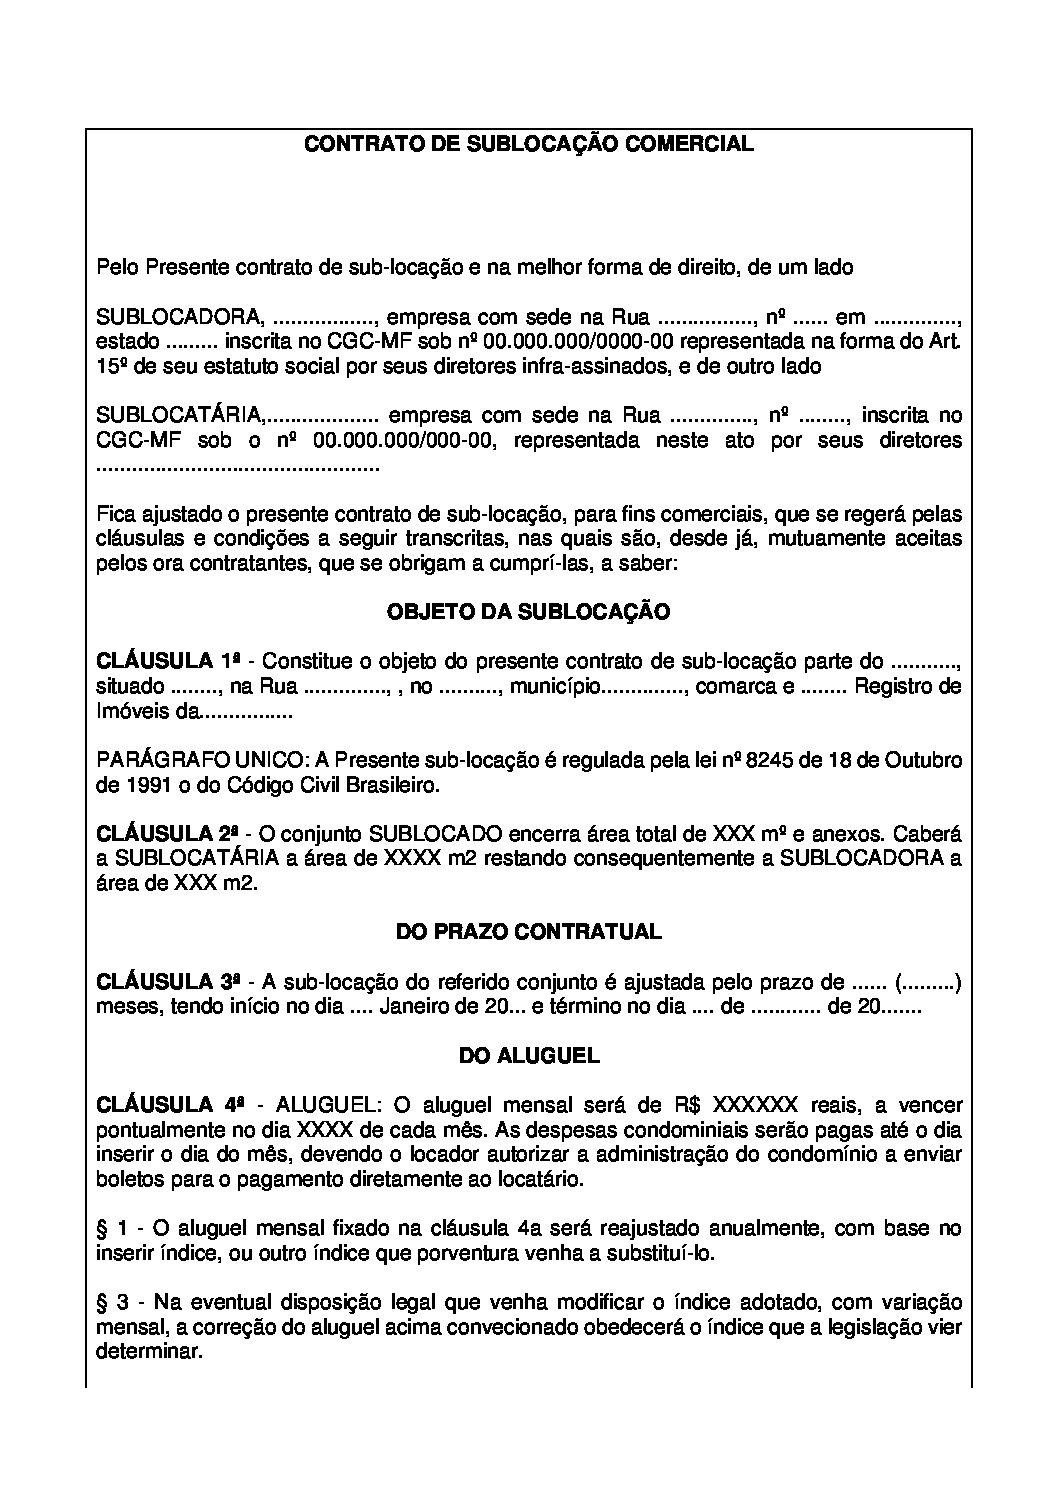 Contrato de Sublocação Comercial